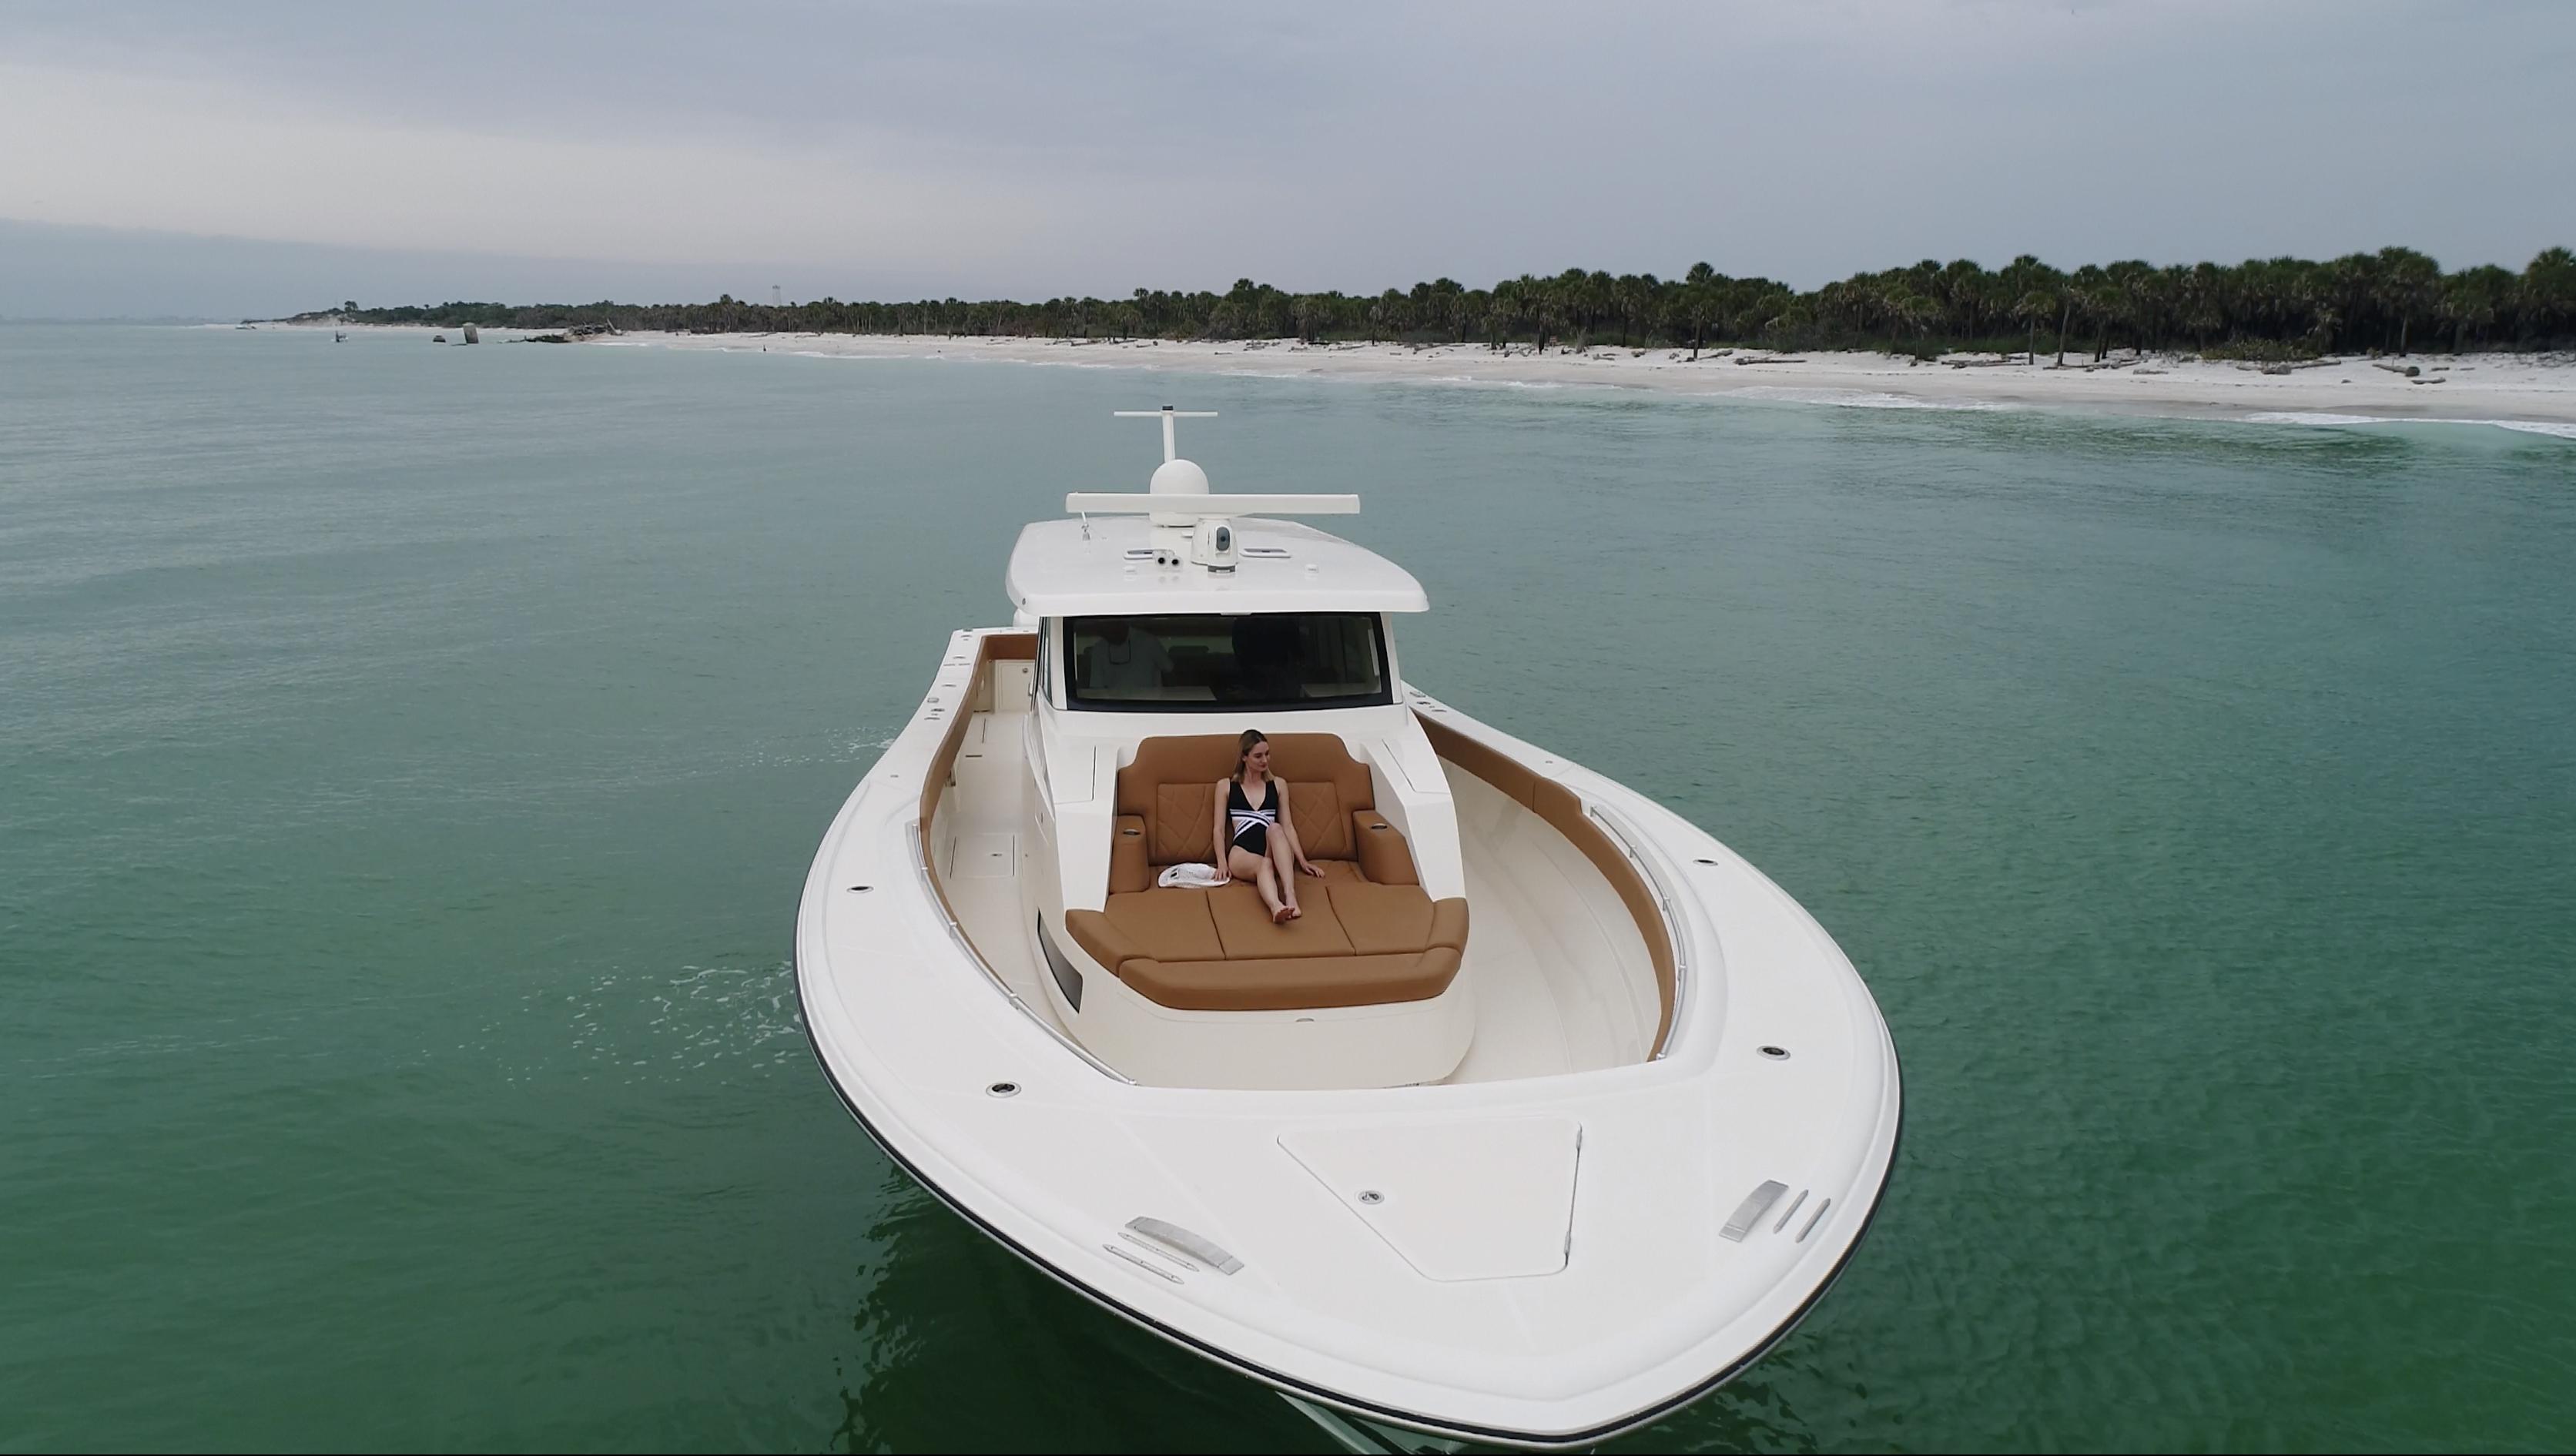 gulfstream yachts 52 white sunpad with m